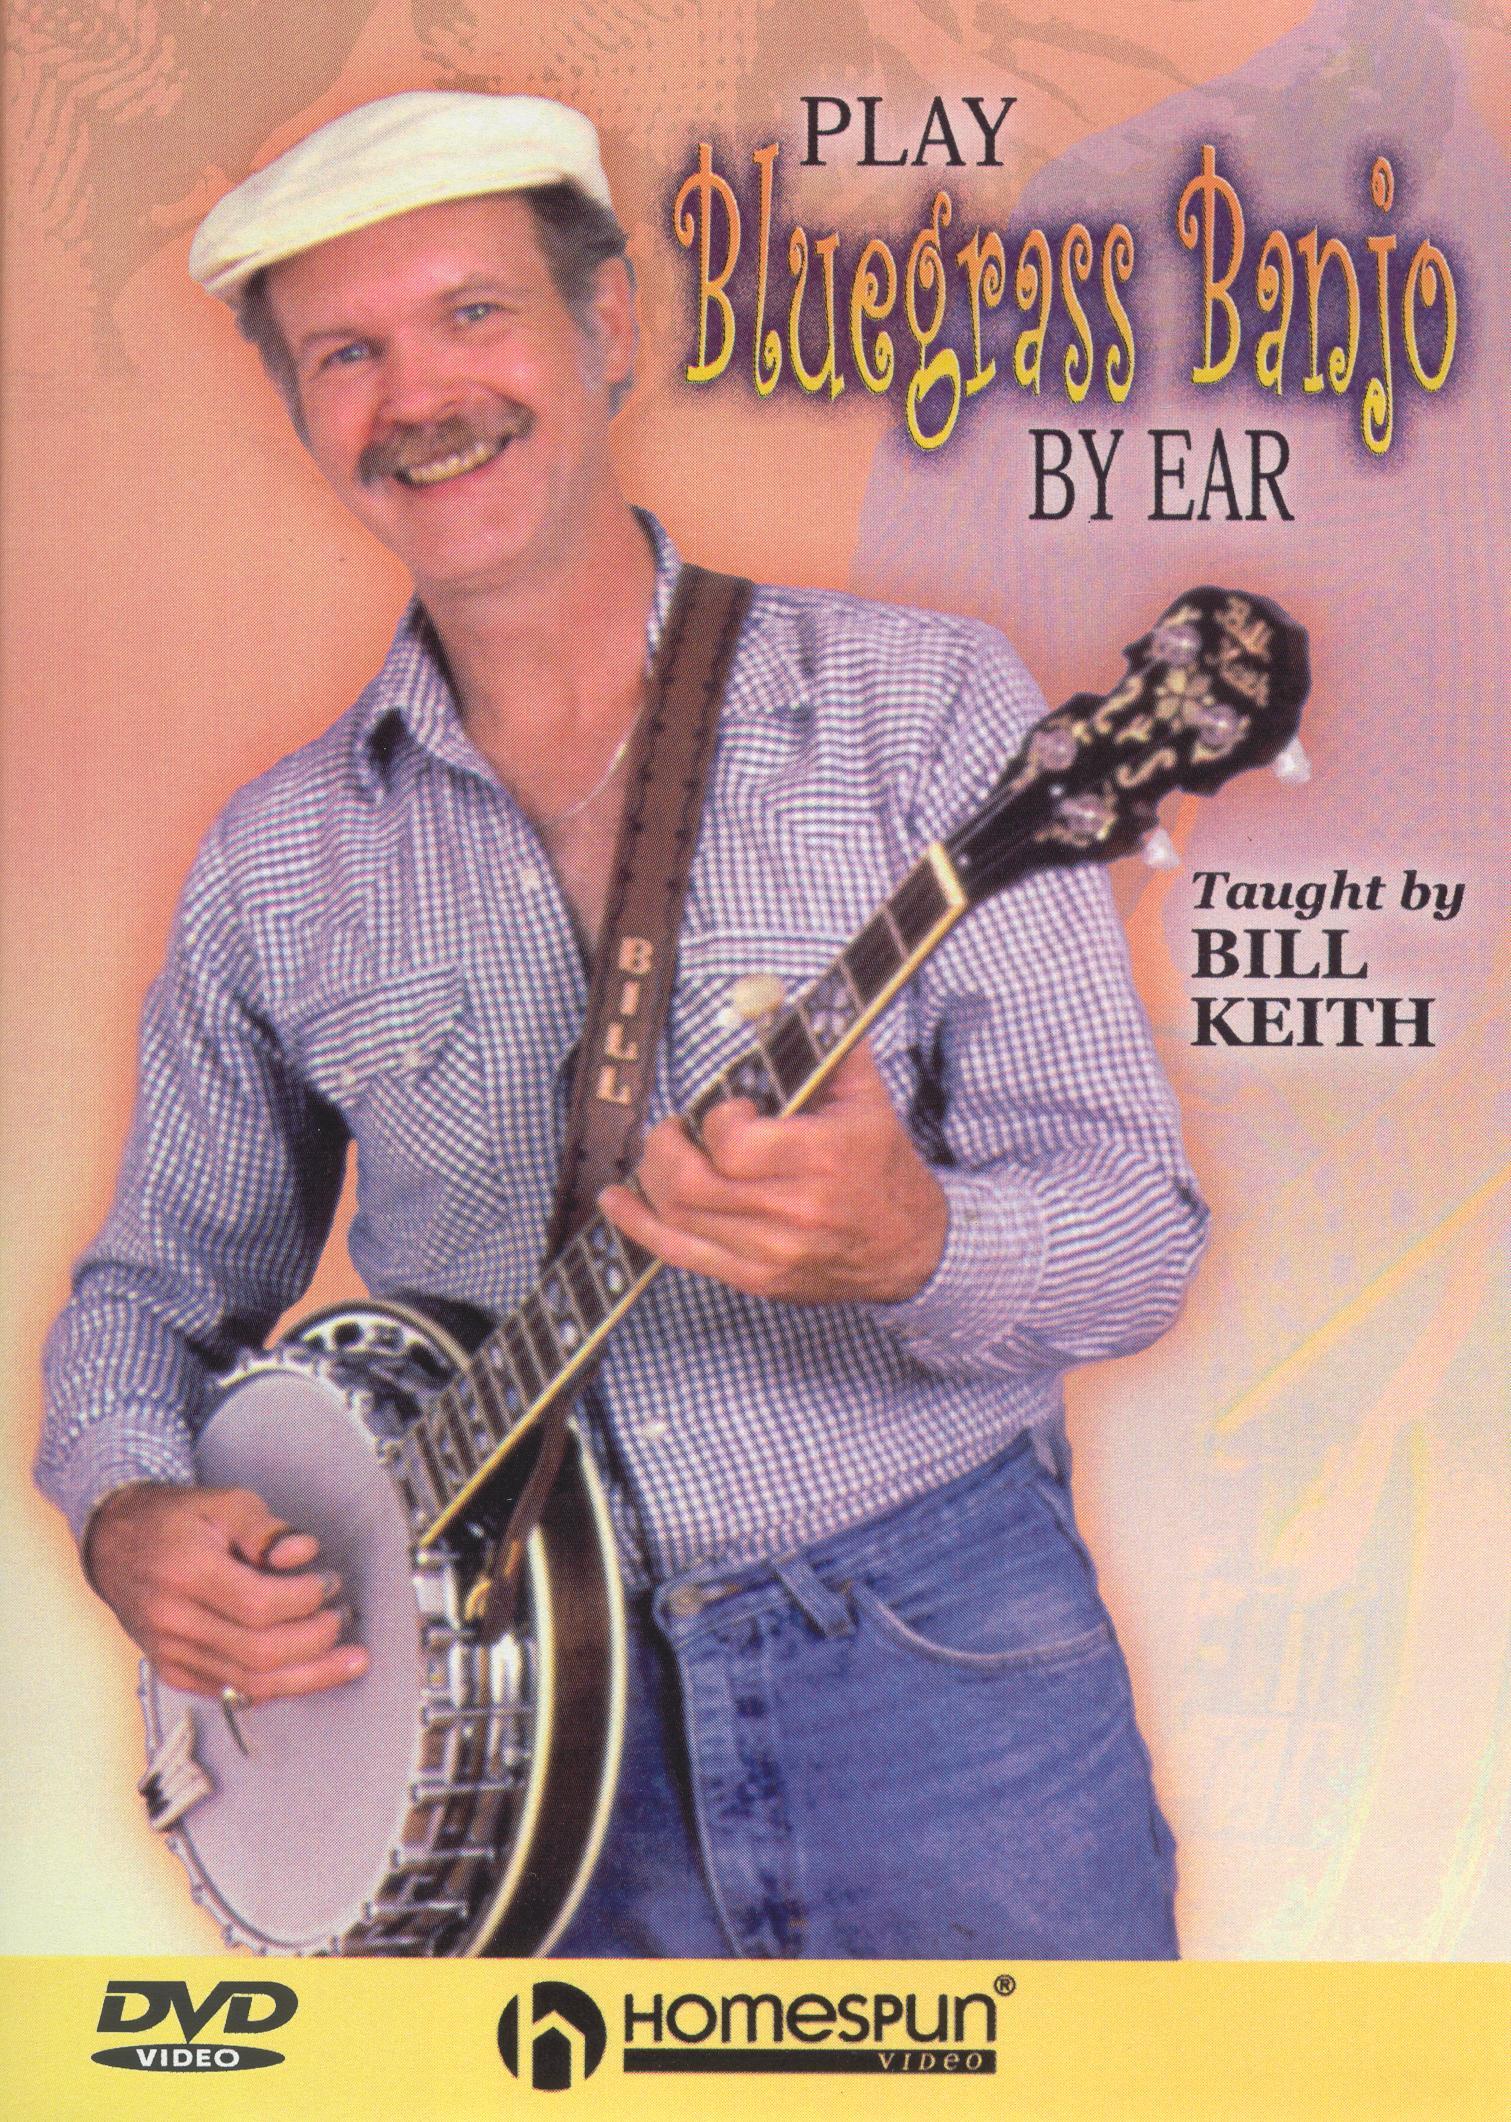 Play Bluegrass Banjo by Ear